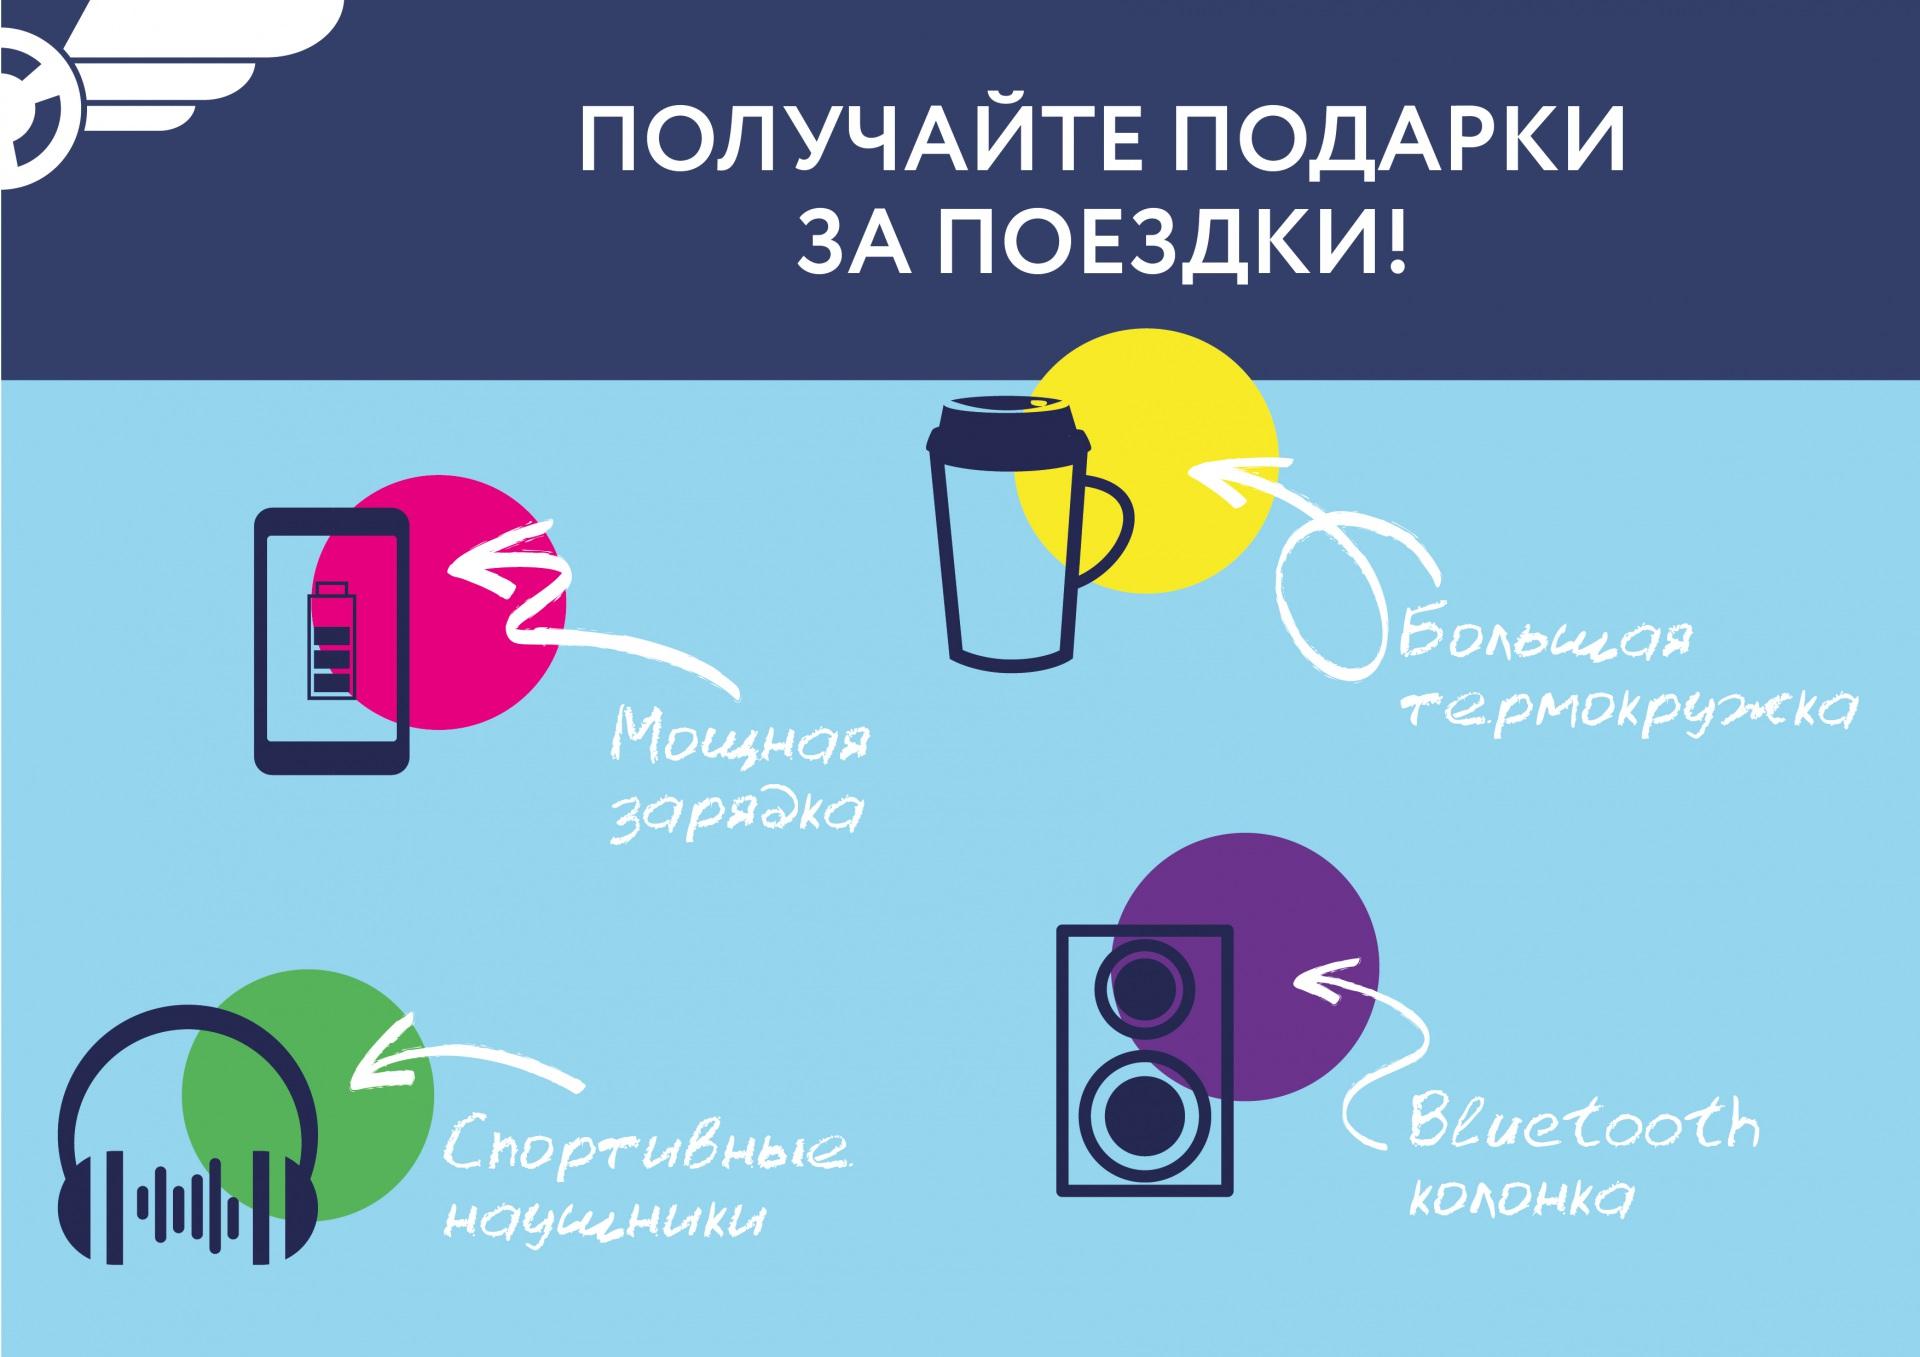 Post-dlya-VK_Programma-loyalnosti-01-01.jpg